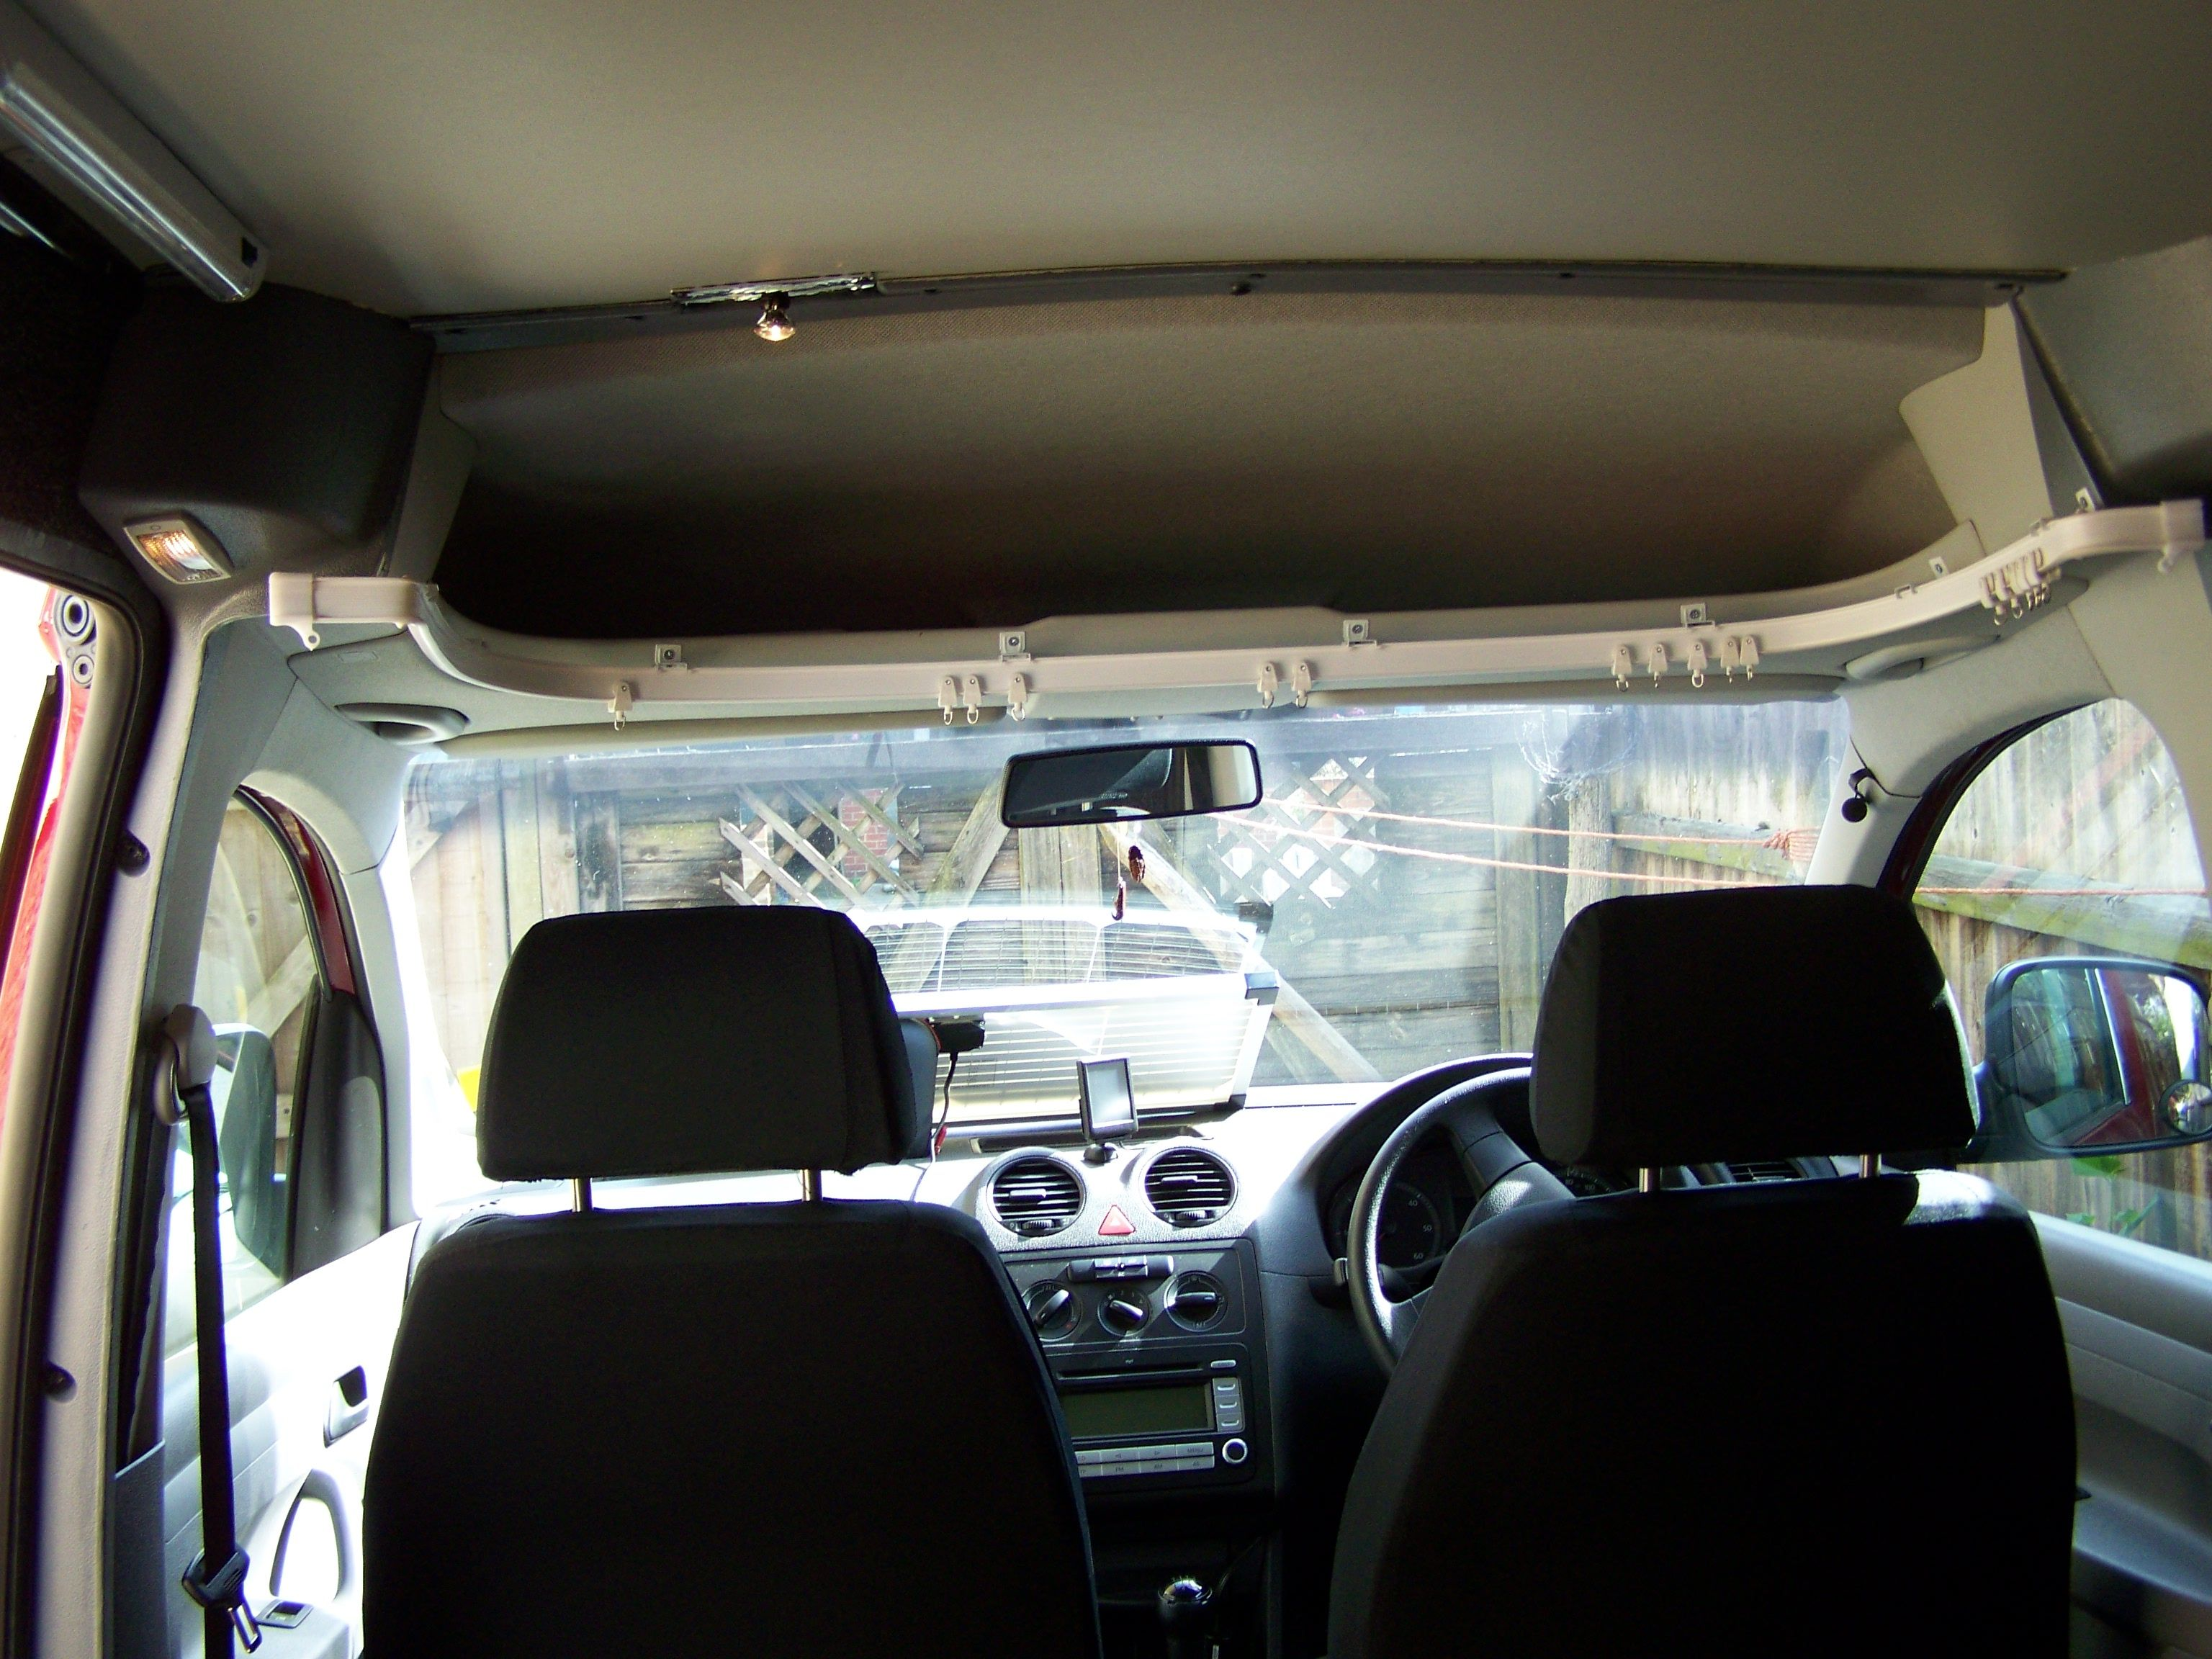 VW CADDY Solar camper curtain rail from inside | MY VW CADDY SOLAR ...